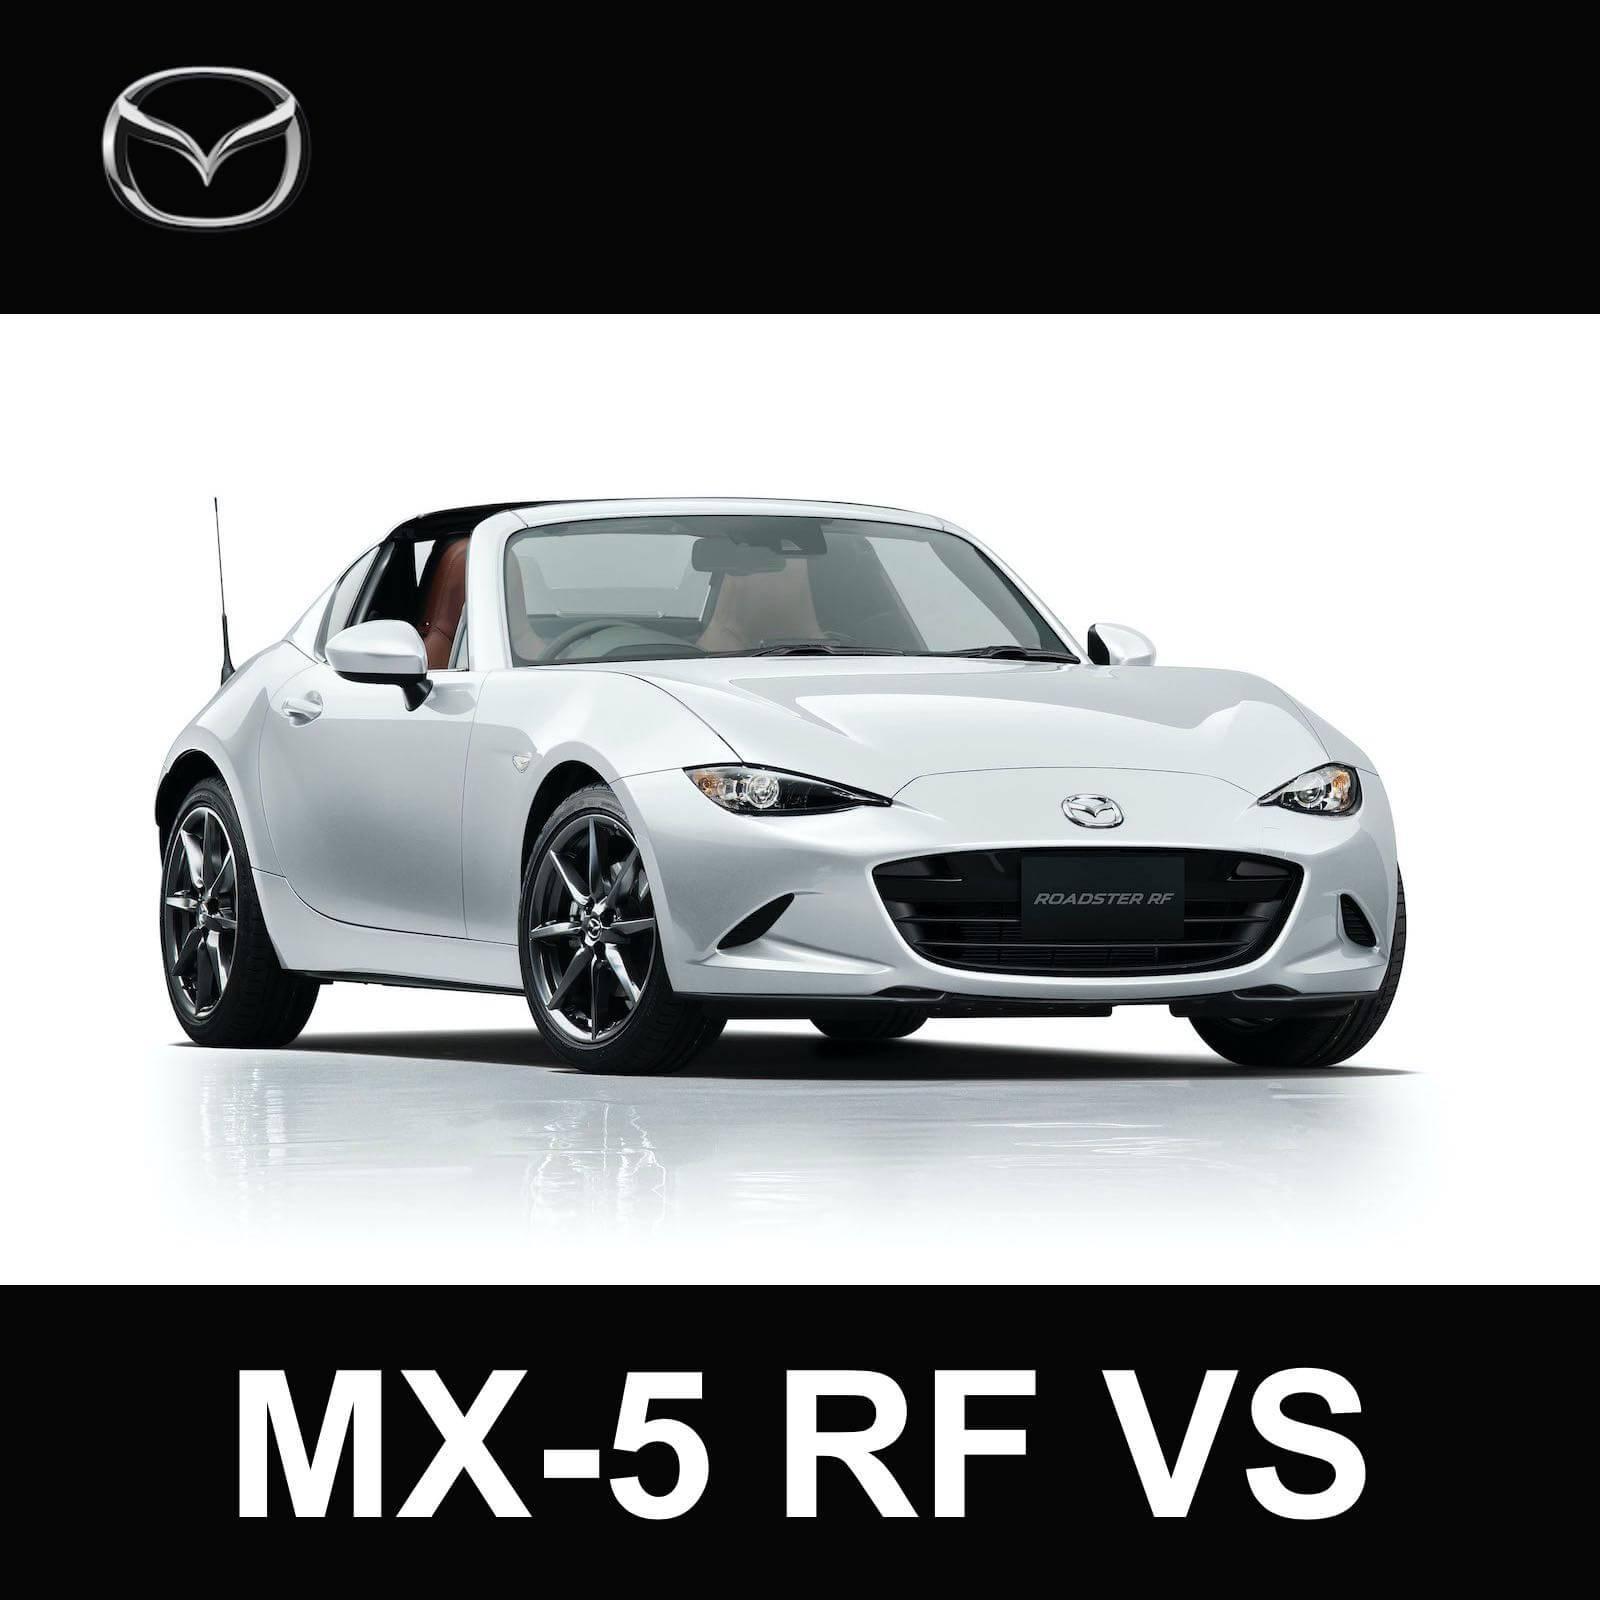 2018 Mazda MX-5 RF VS